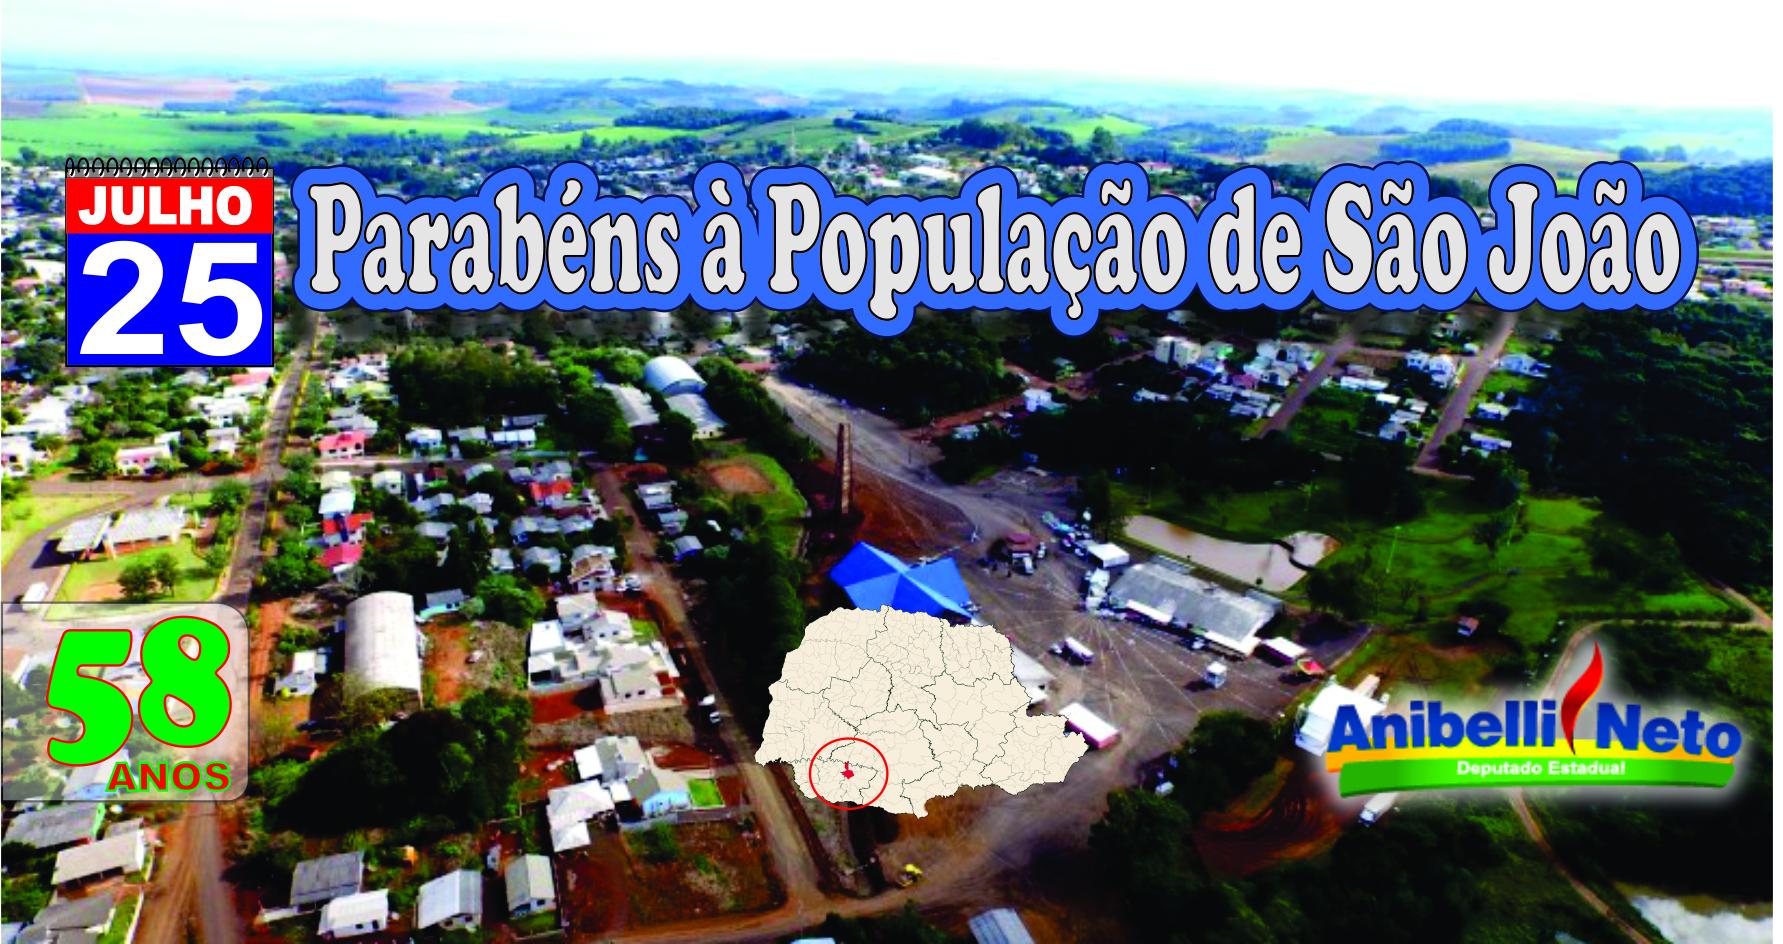 História da Cidade de São João